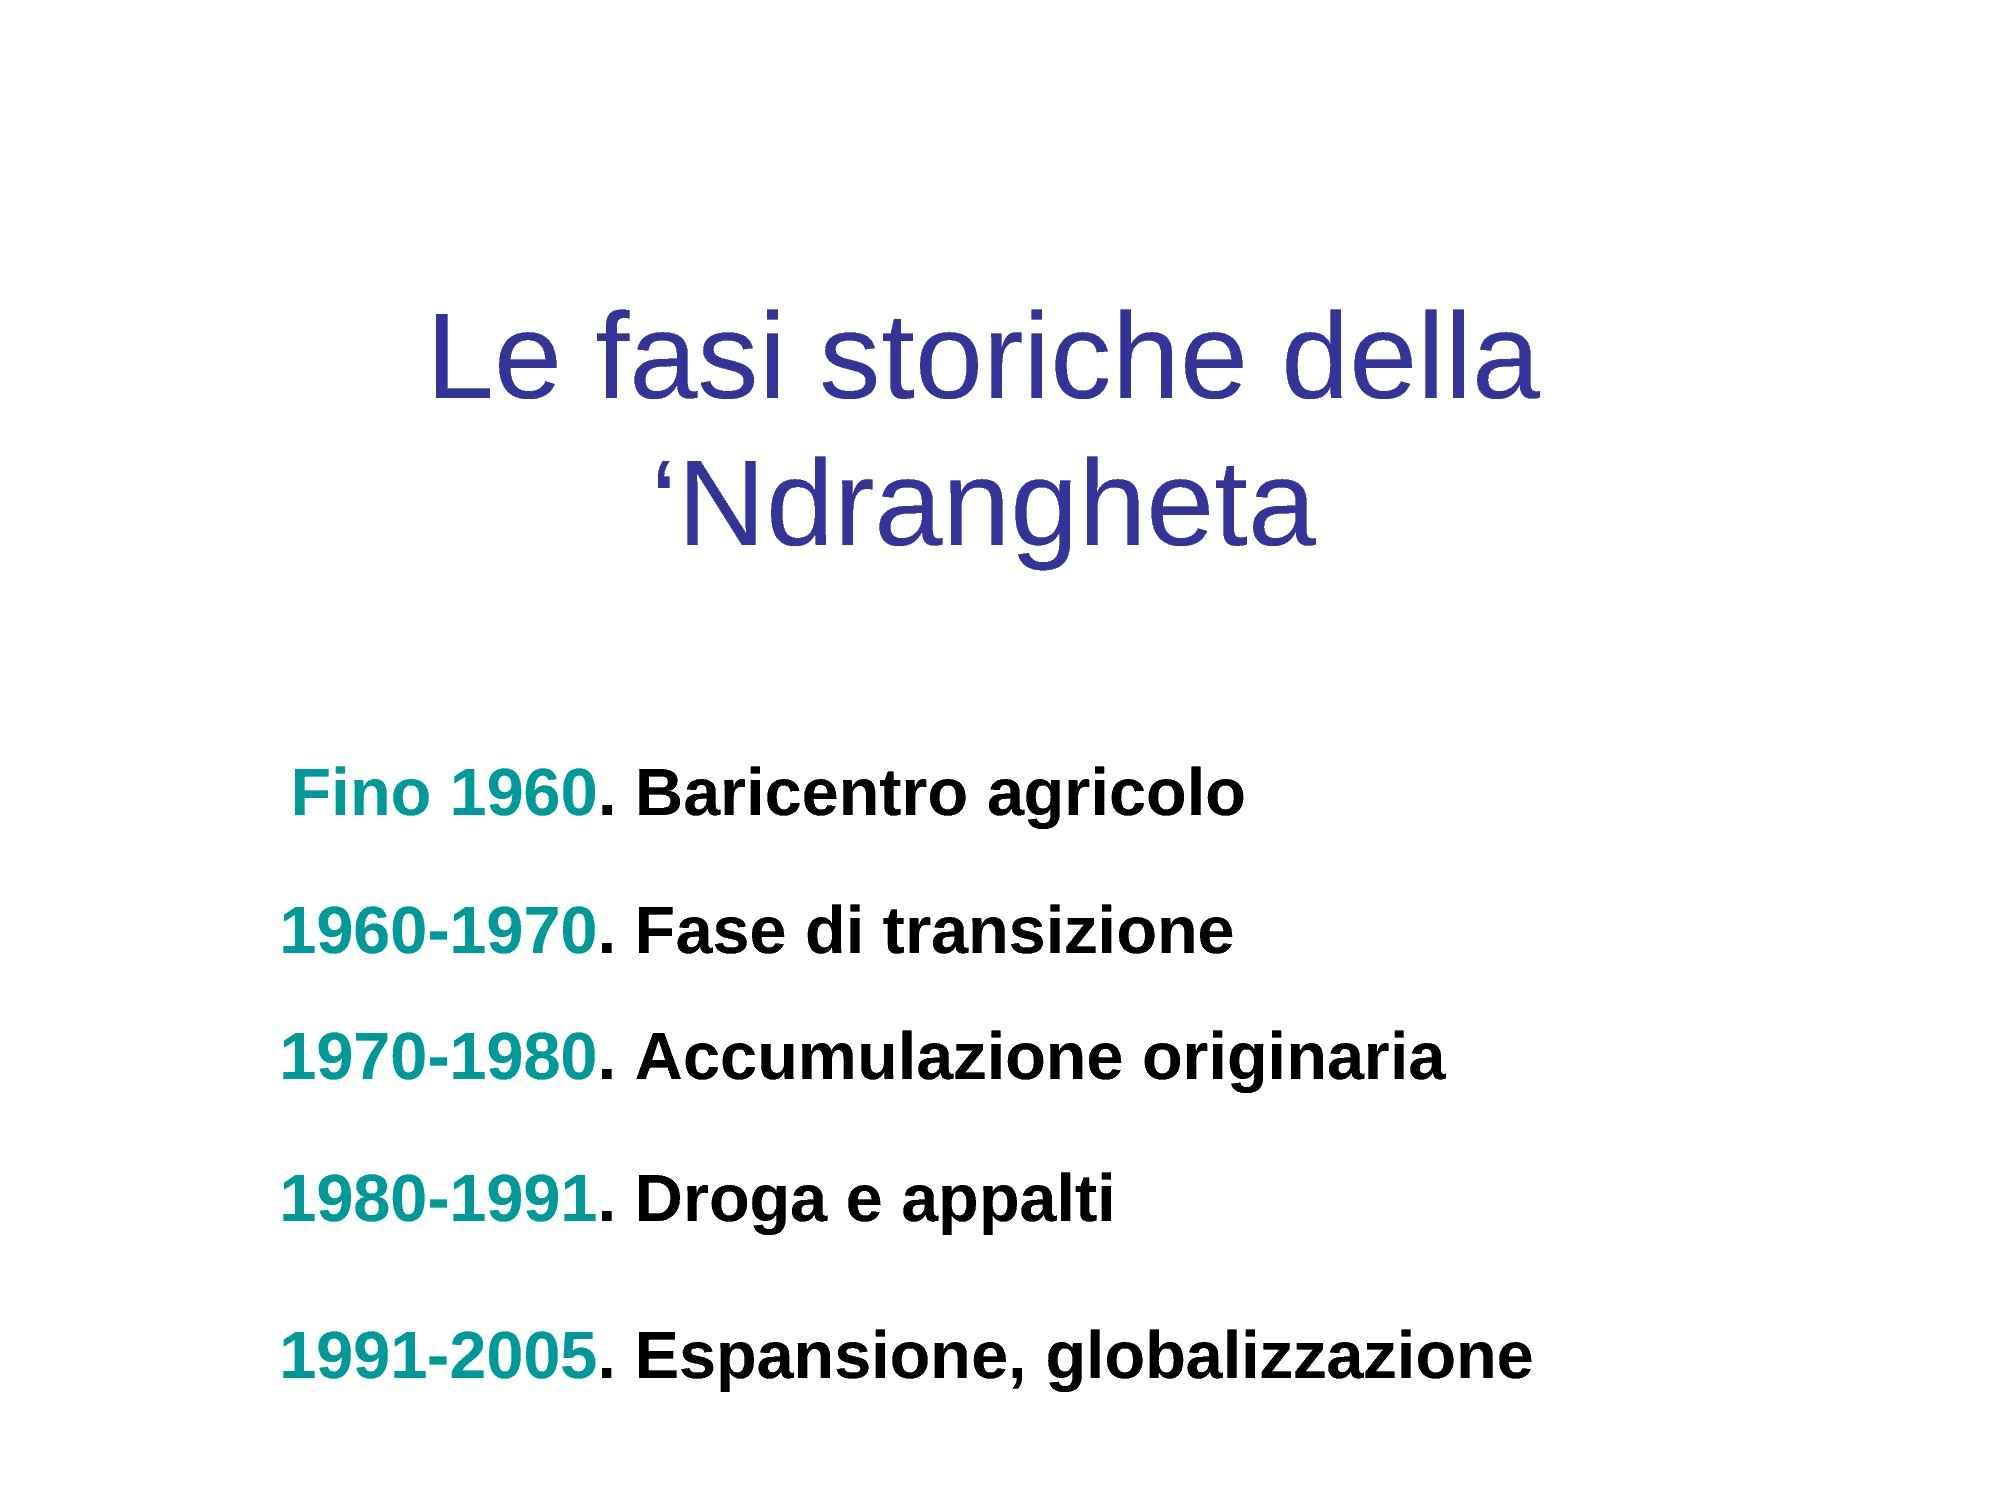 Ndrangheta - Evoluzione storica